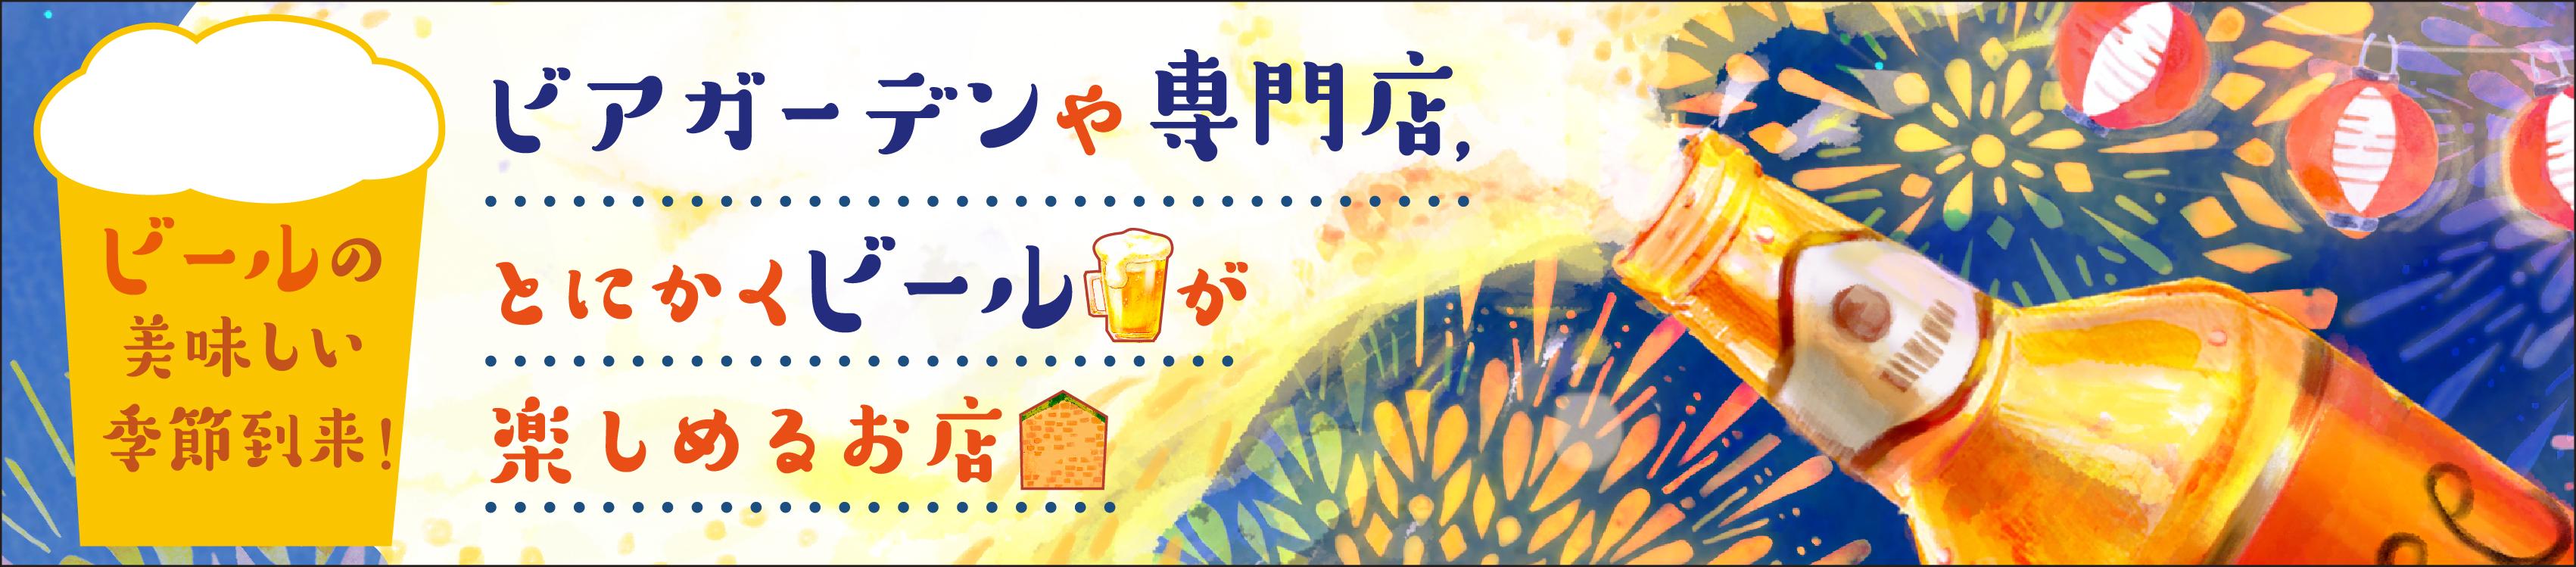 ビールの美味しい季節到来!ビアガーデンや専門店、とにかくビールが楽しめるお店